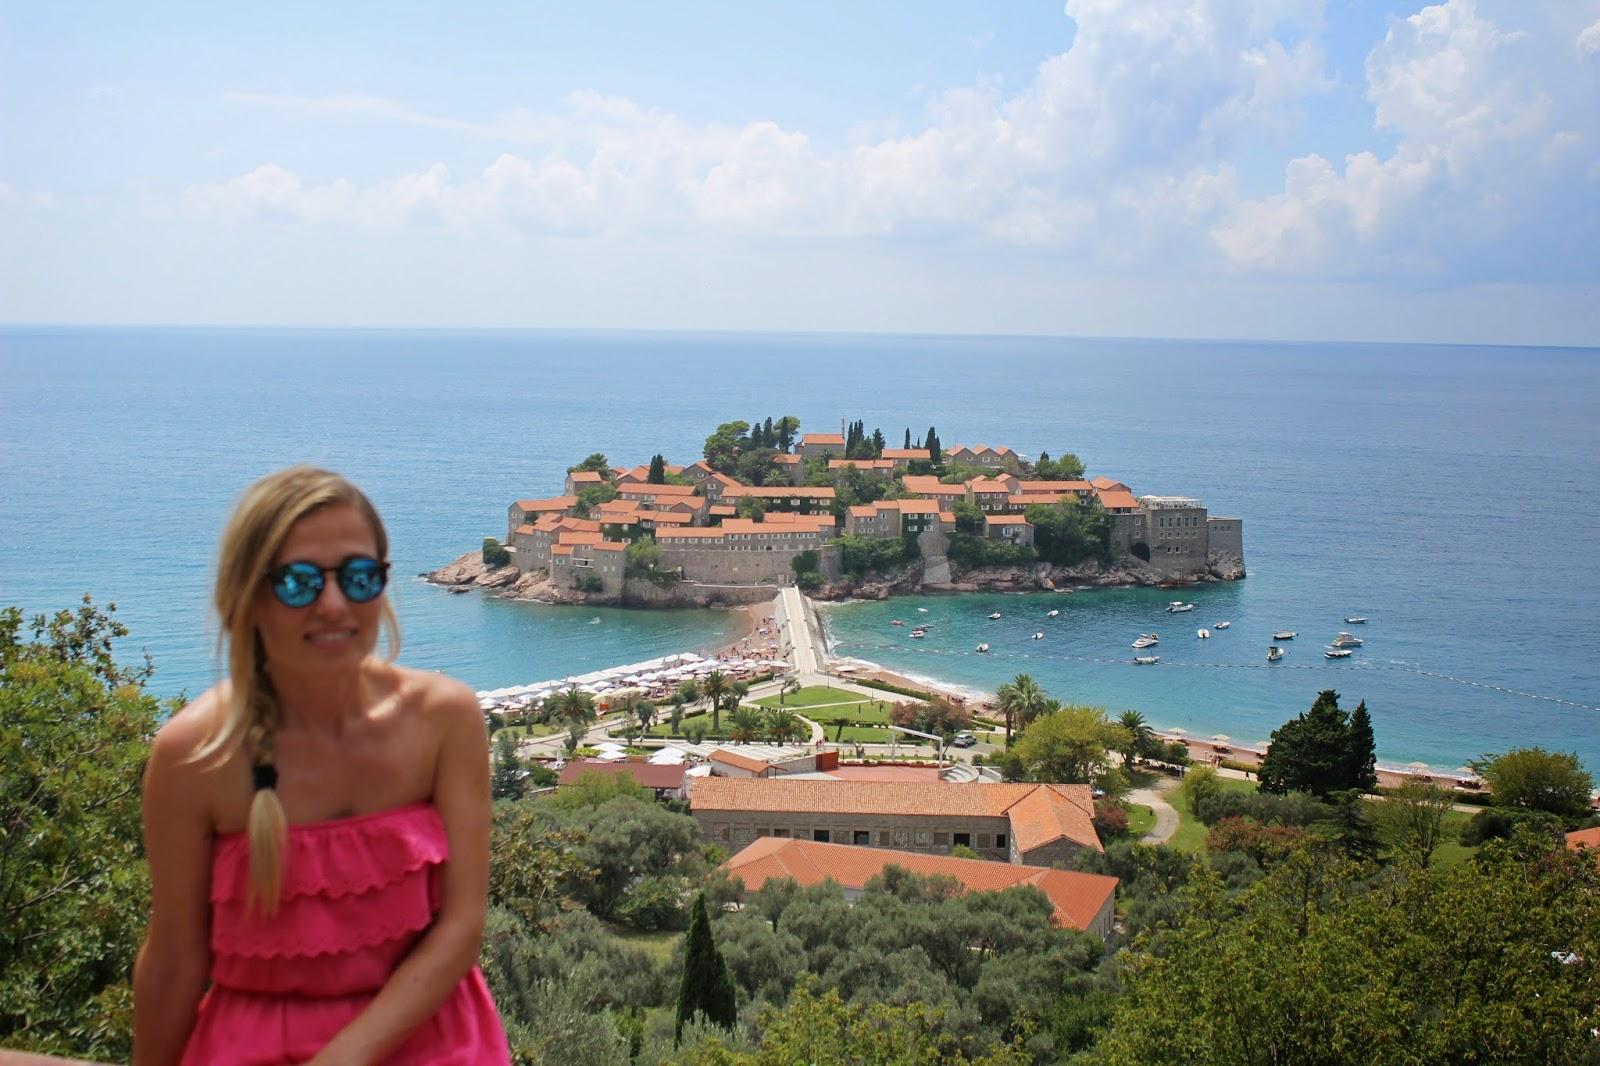 Eniwhere Fashion - Budva - Montenegro - Sveti Stefan